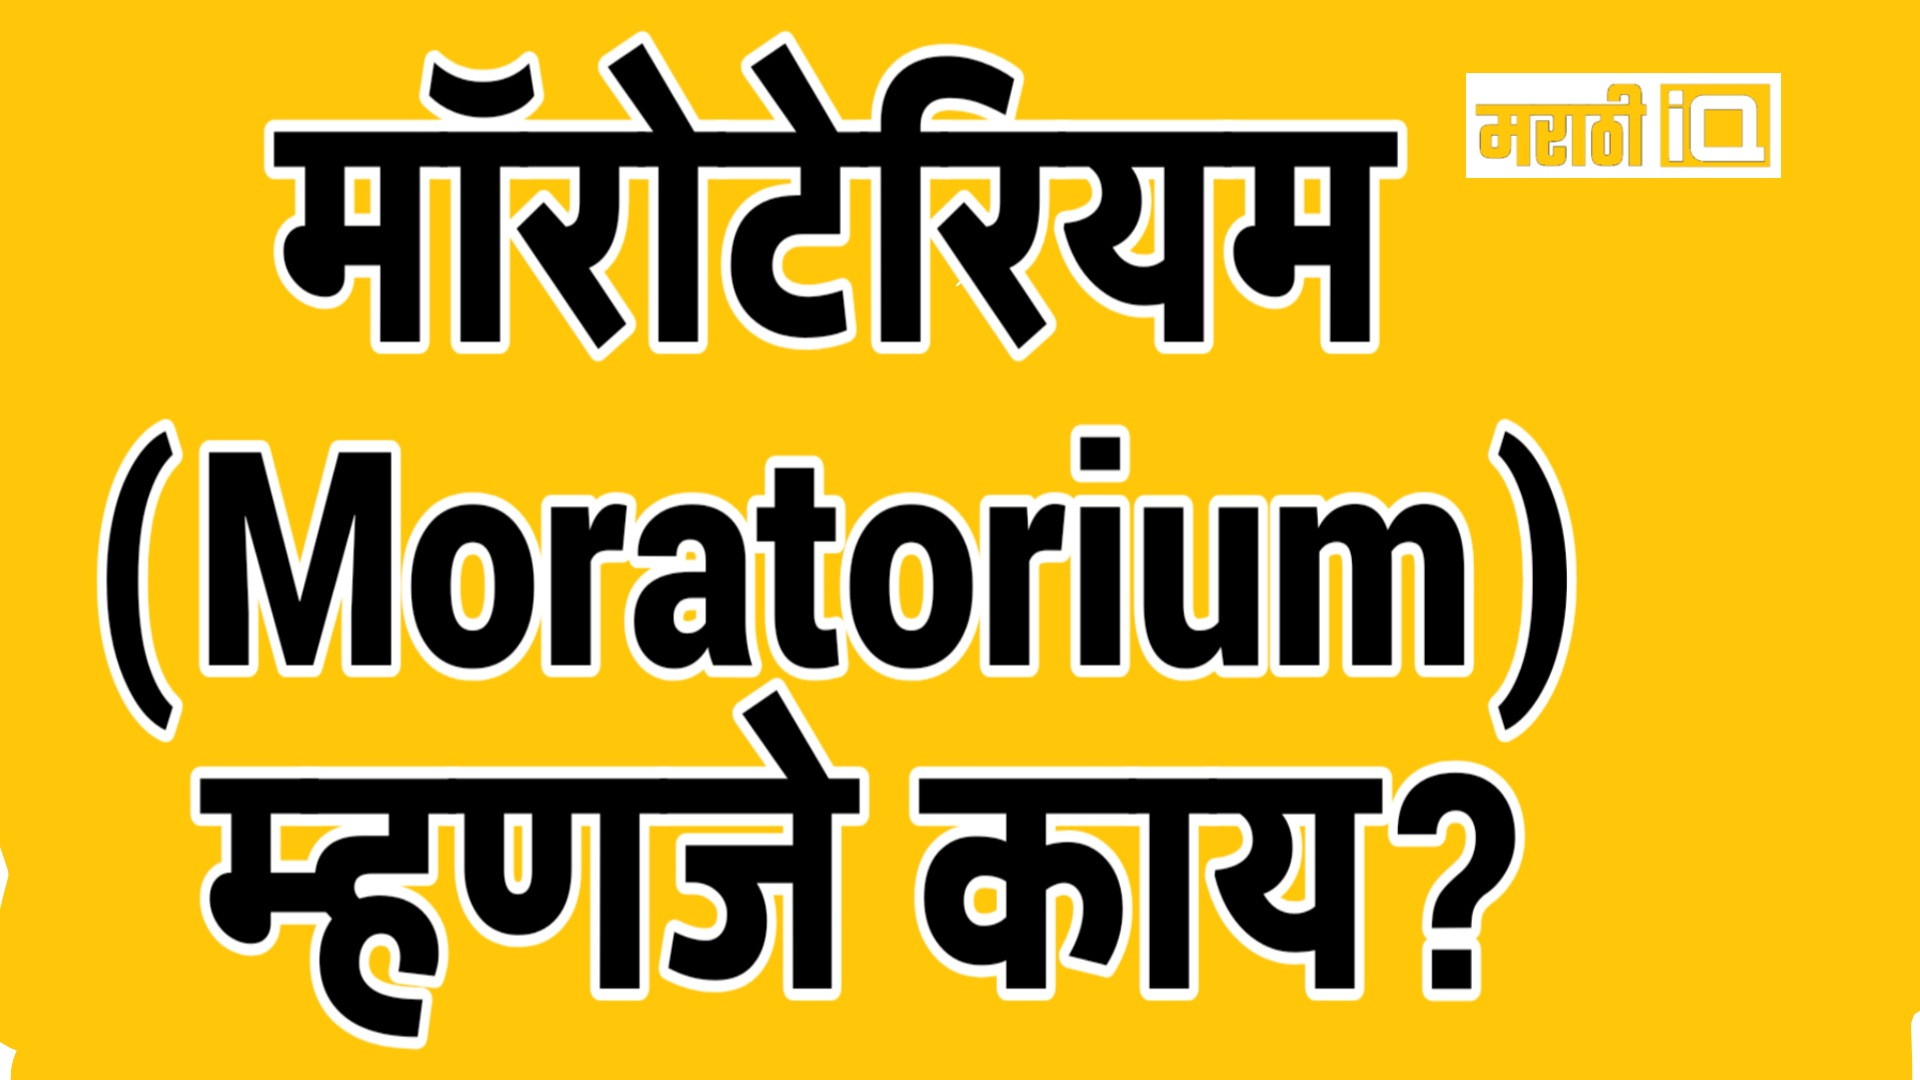 Moratorium meaning in marathi